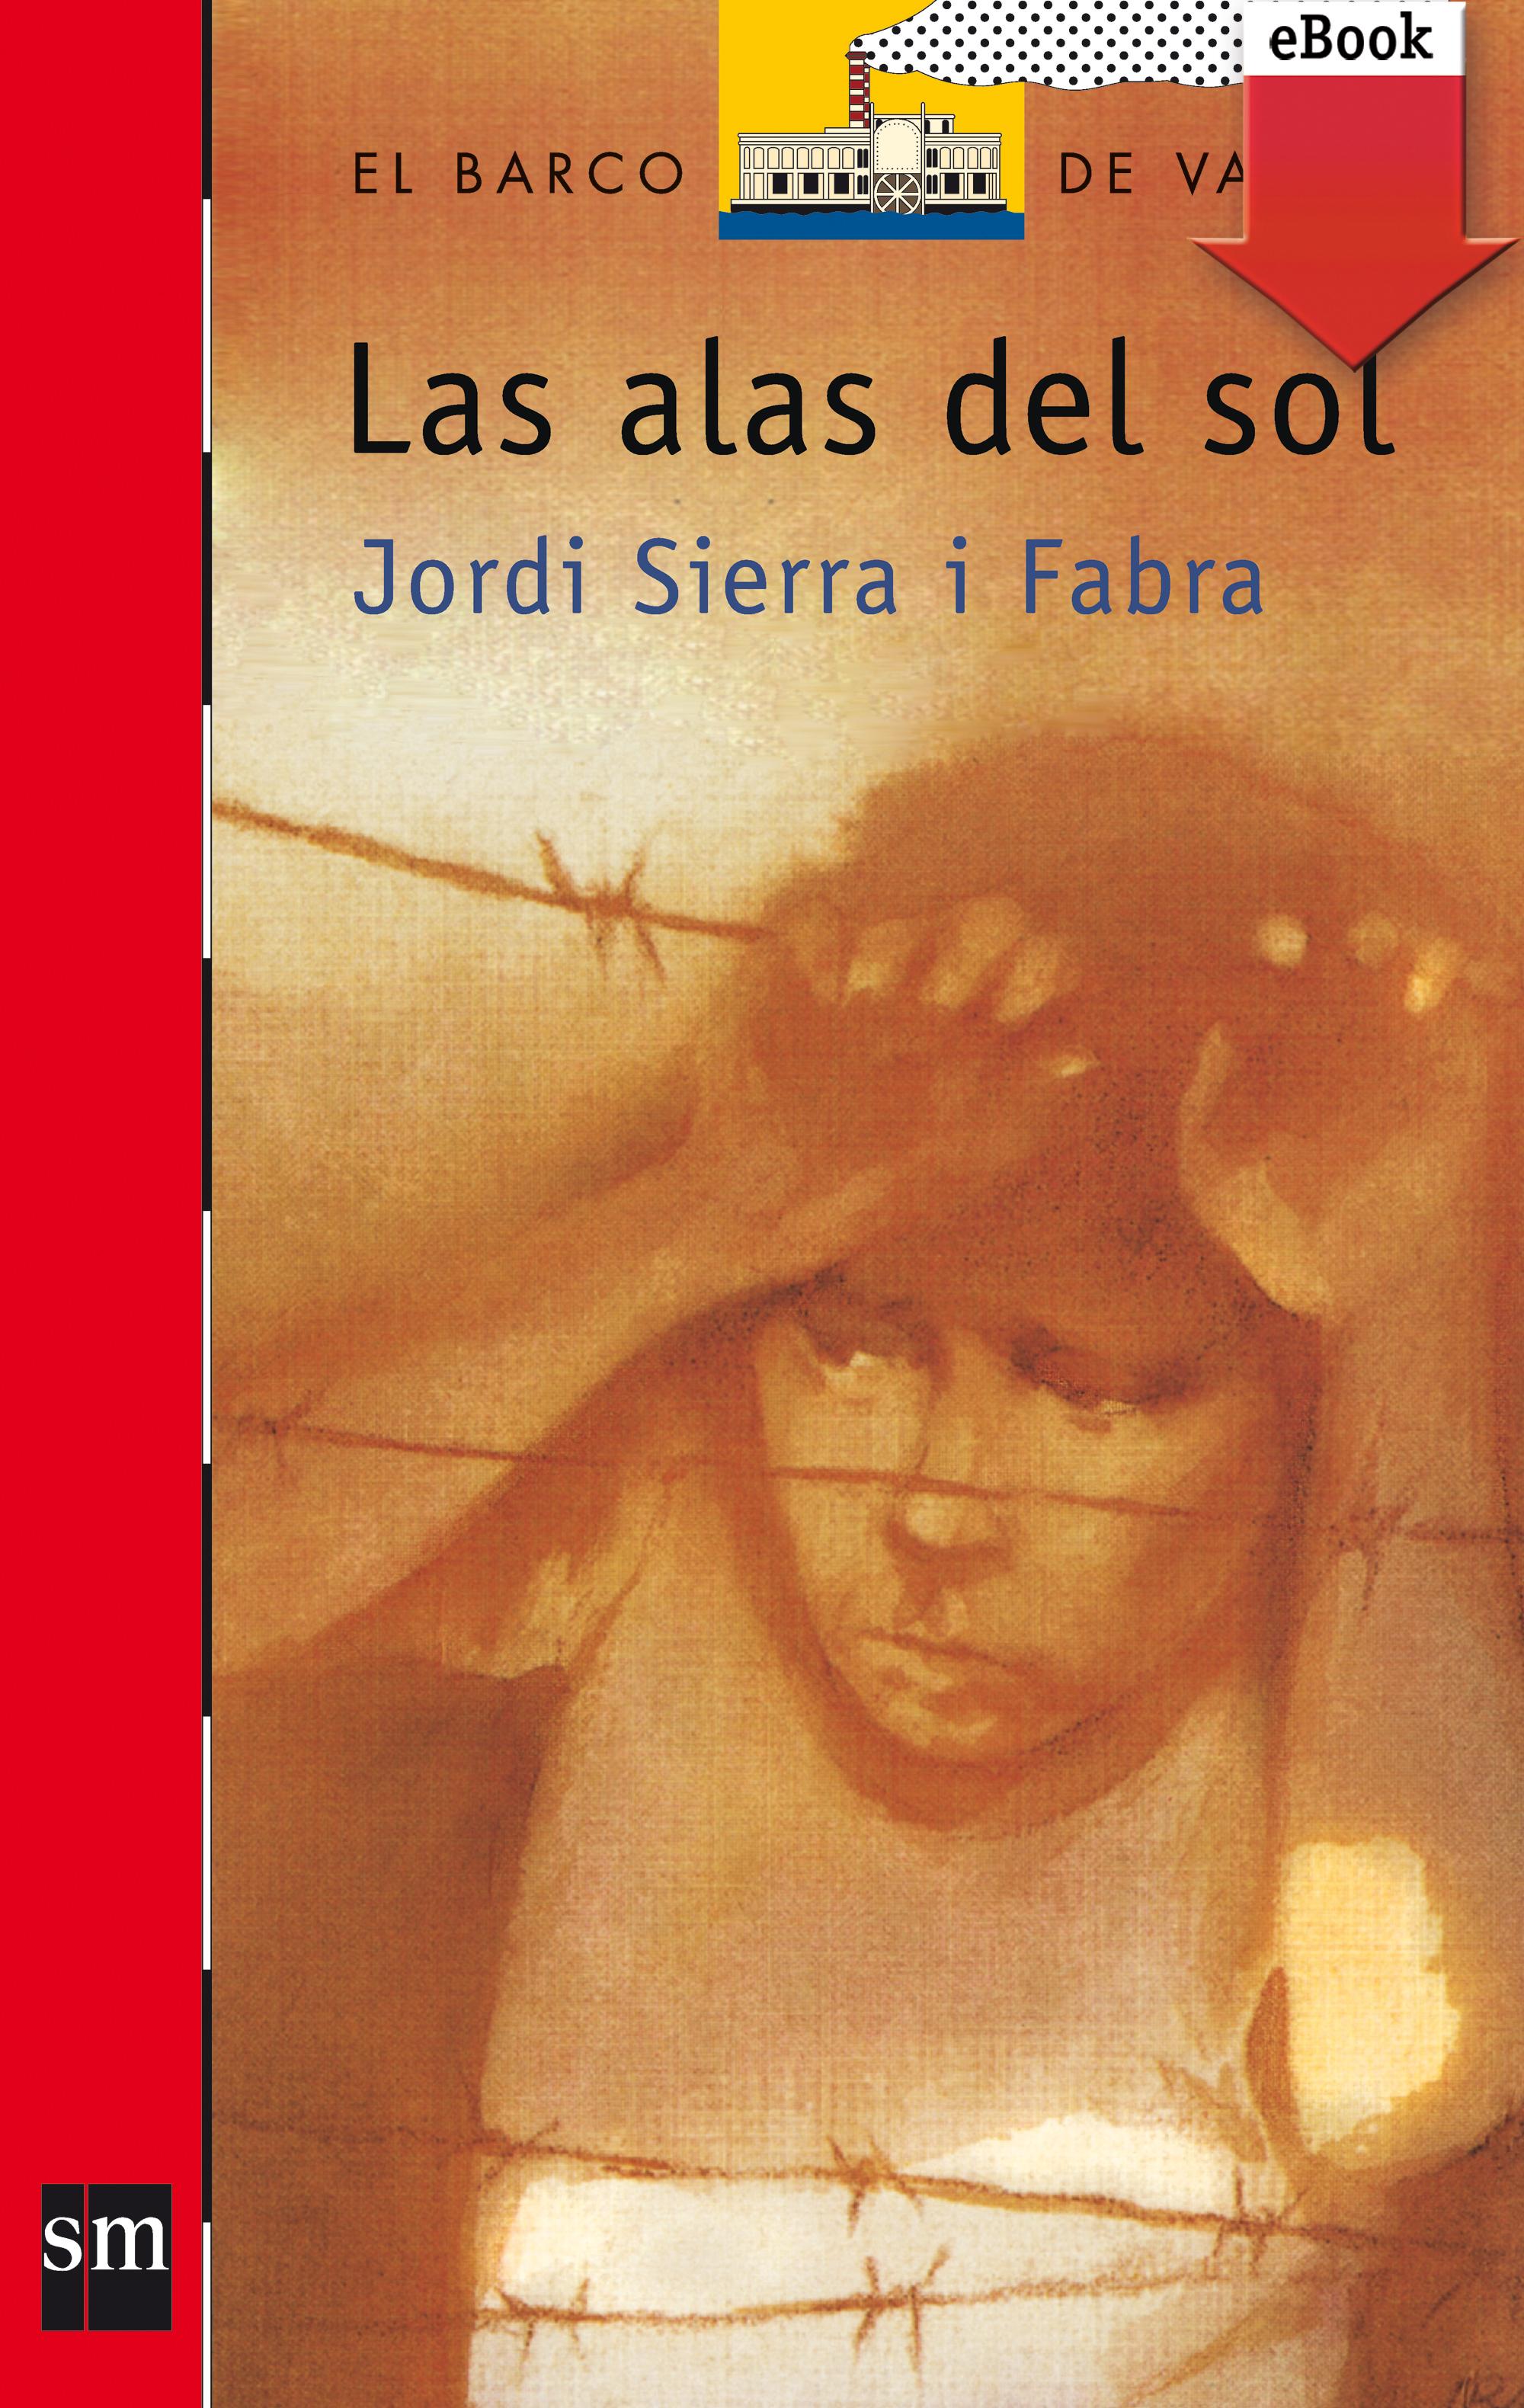 Jordi Sierra i fabra Las alas del sol f pilkington alas fair face